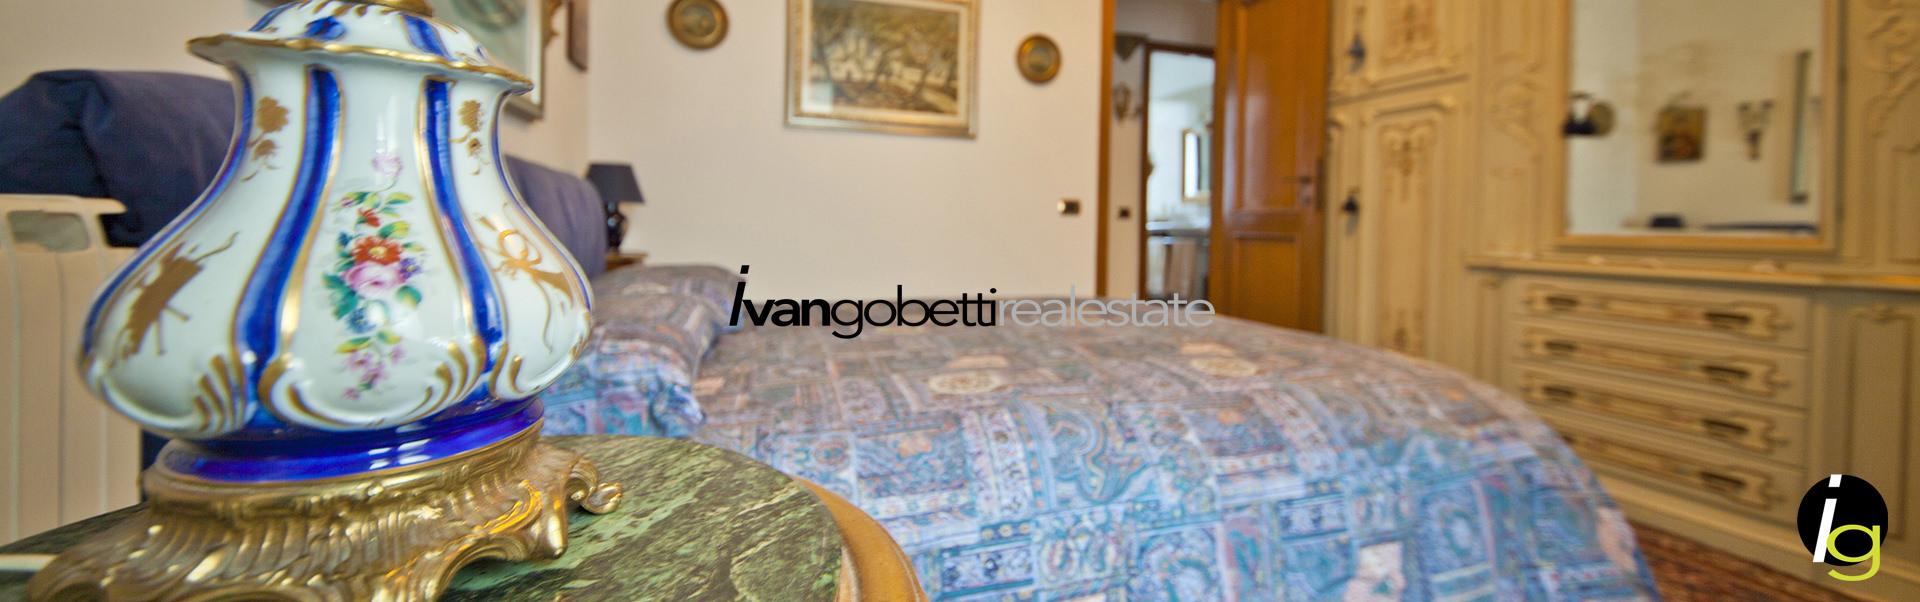 In vendita Stresa Lago Maggiore Attico centralissimo